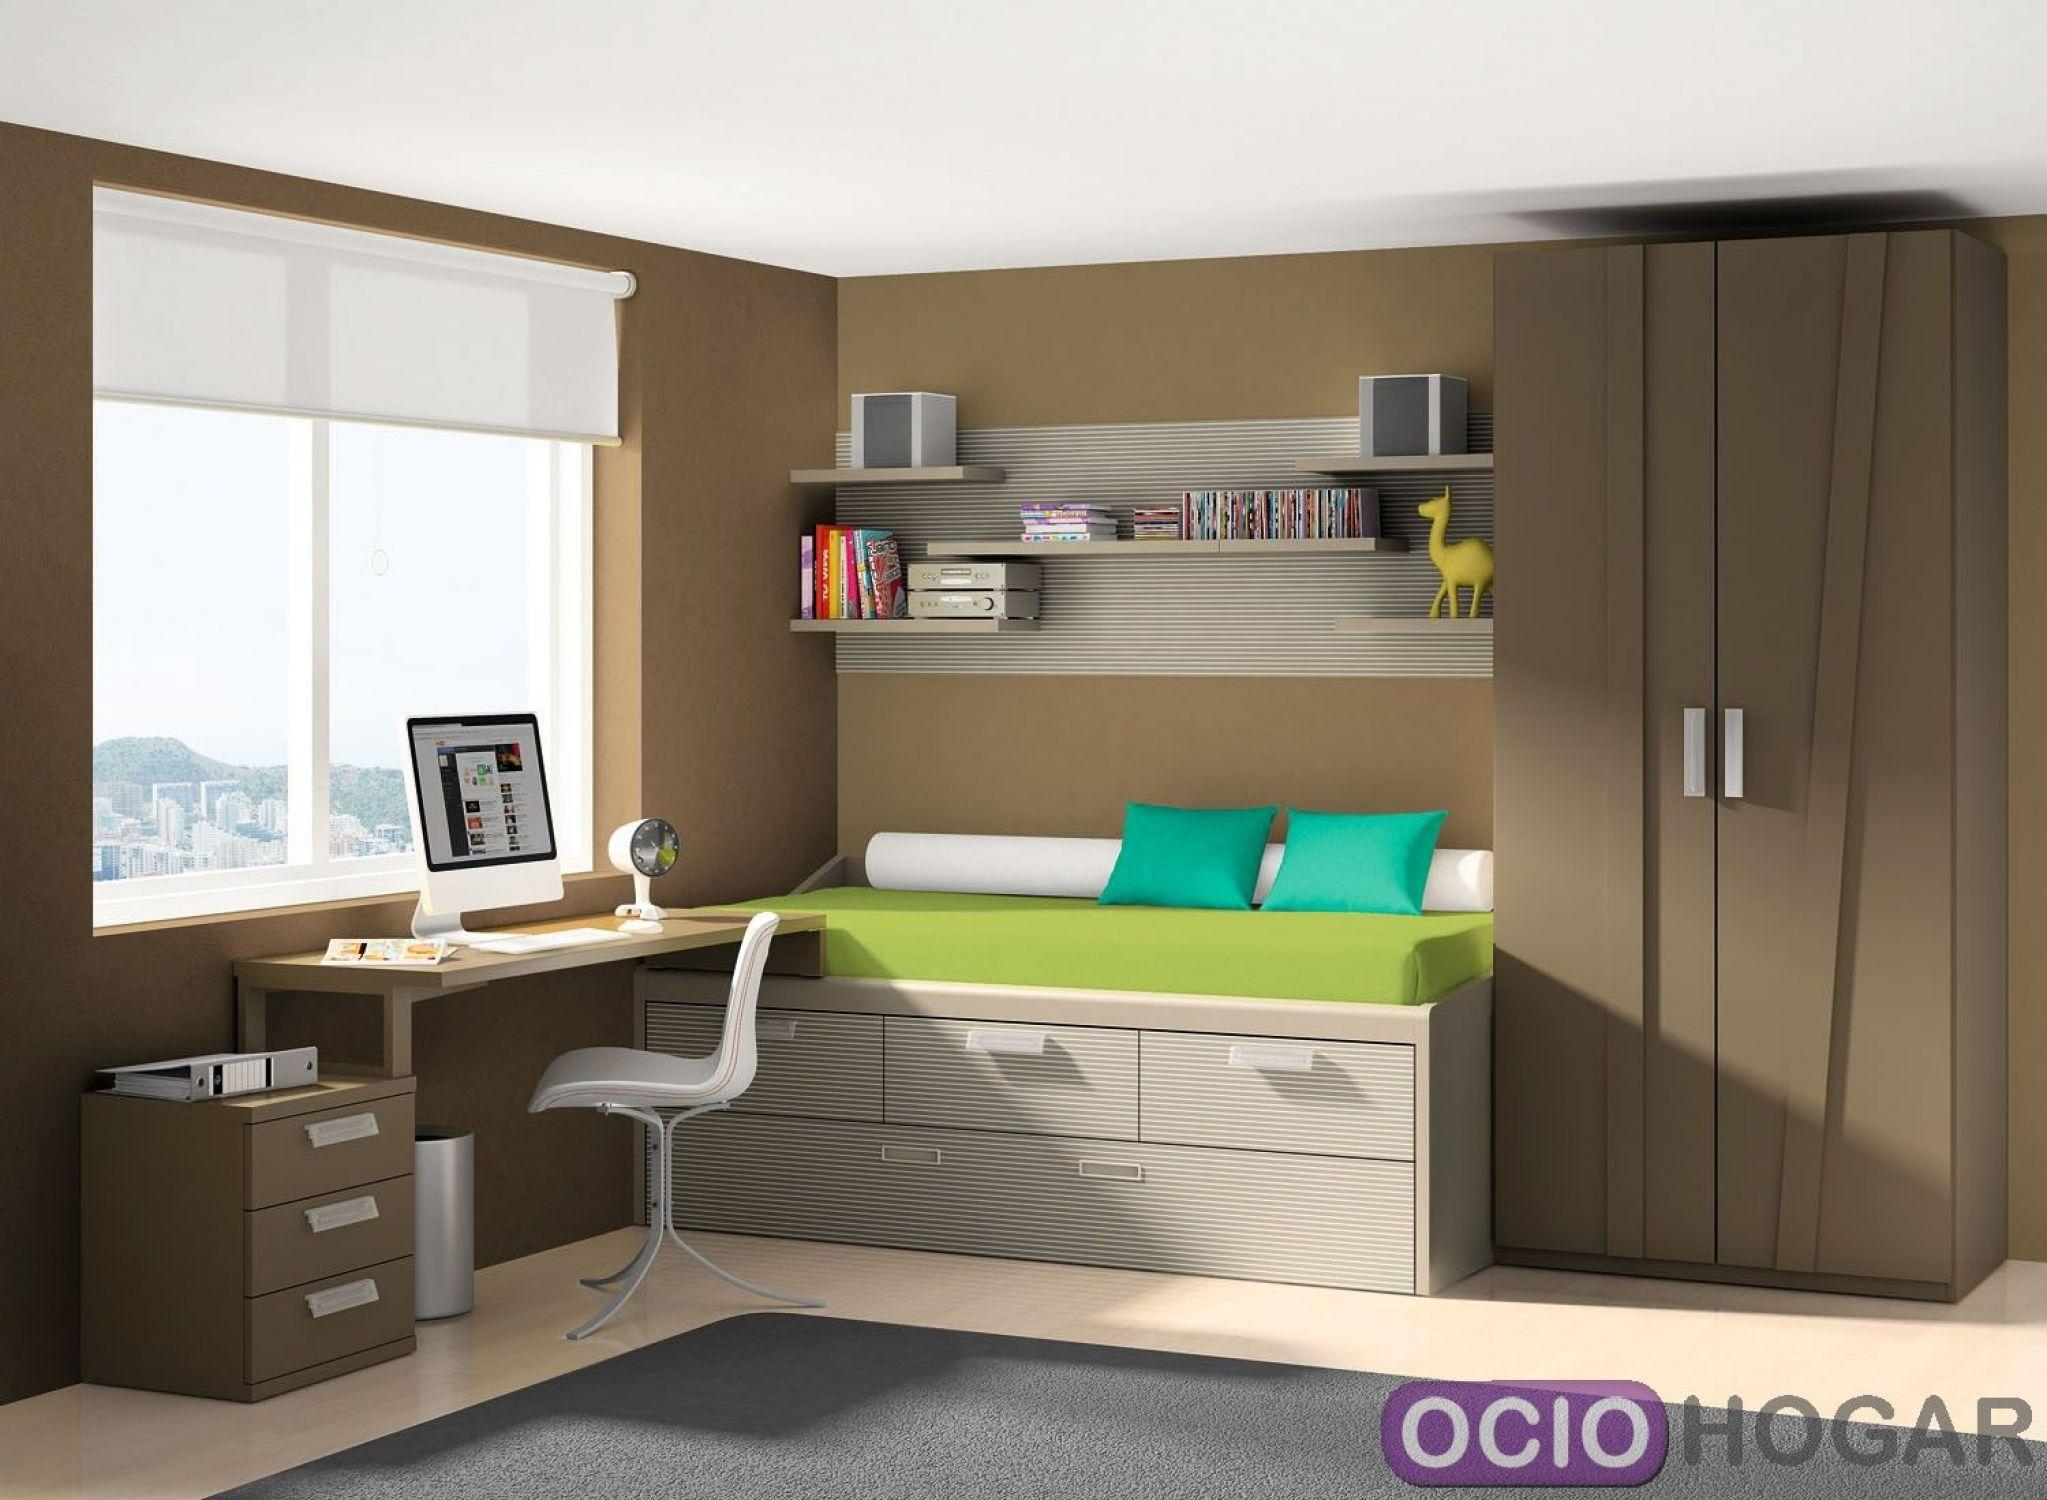 Dormitorio juvenil delta de dissery for Camas infantiles diseno moderno